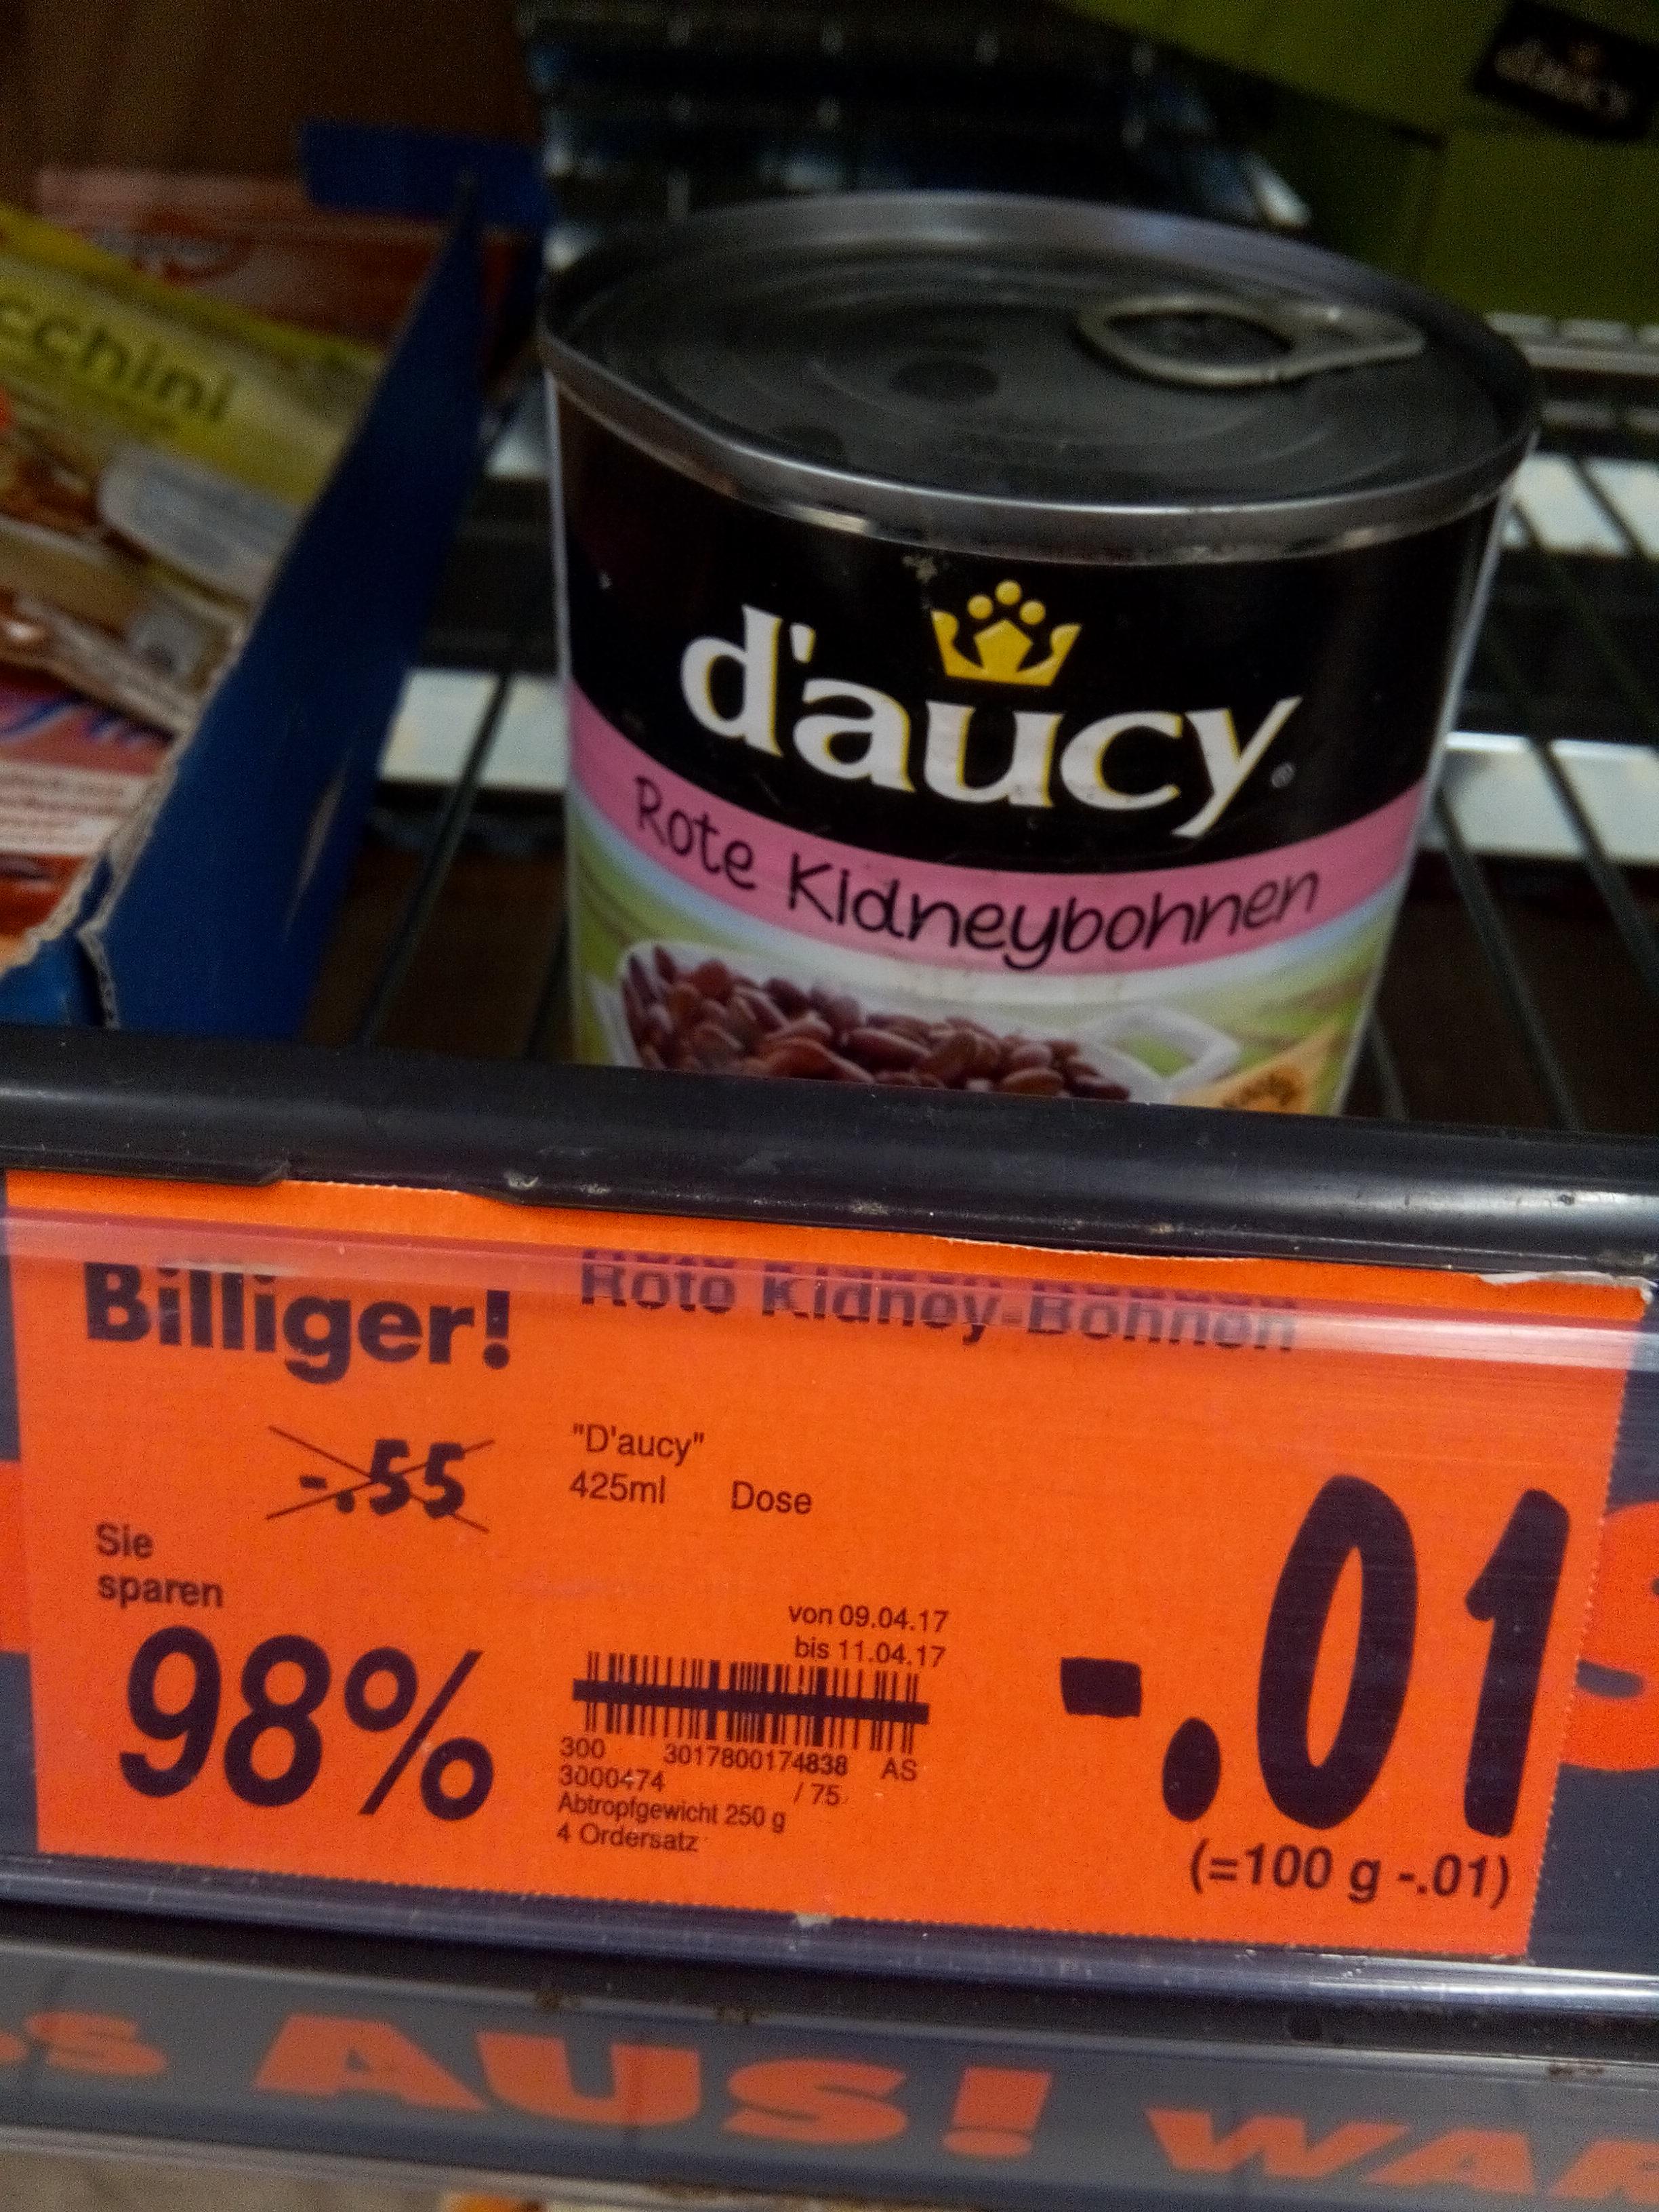 Kidneybohnen für nur 1 Cent (Lokal, Kaufland Hattingen)